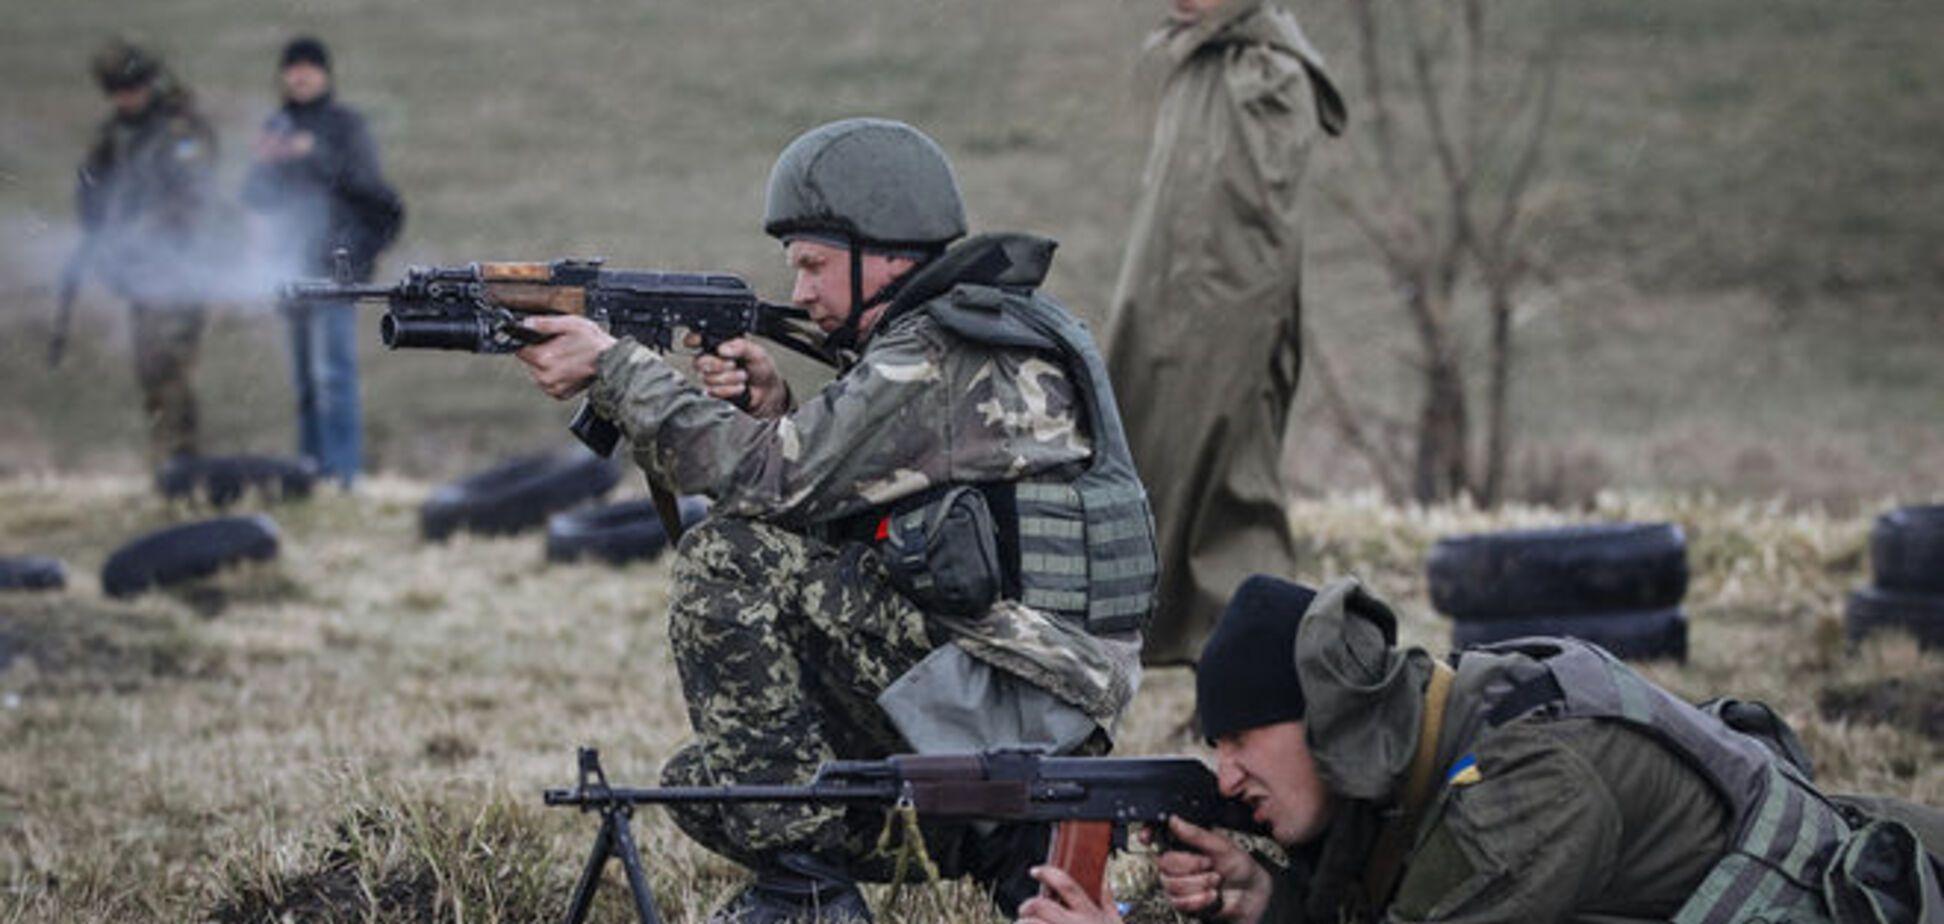 Мобілізація-2015: Міноборони не забезпечило бійців навіть найелементарнішим